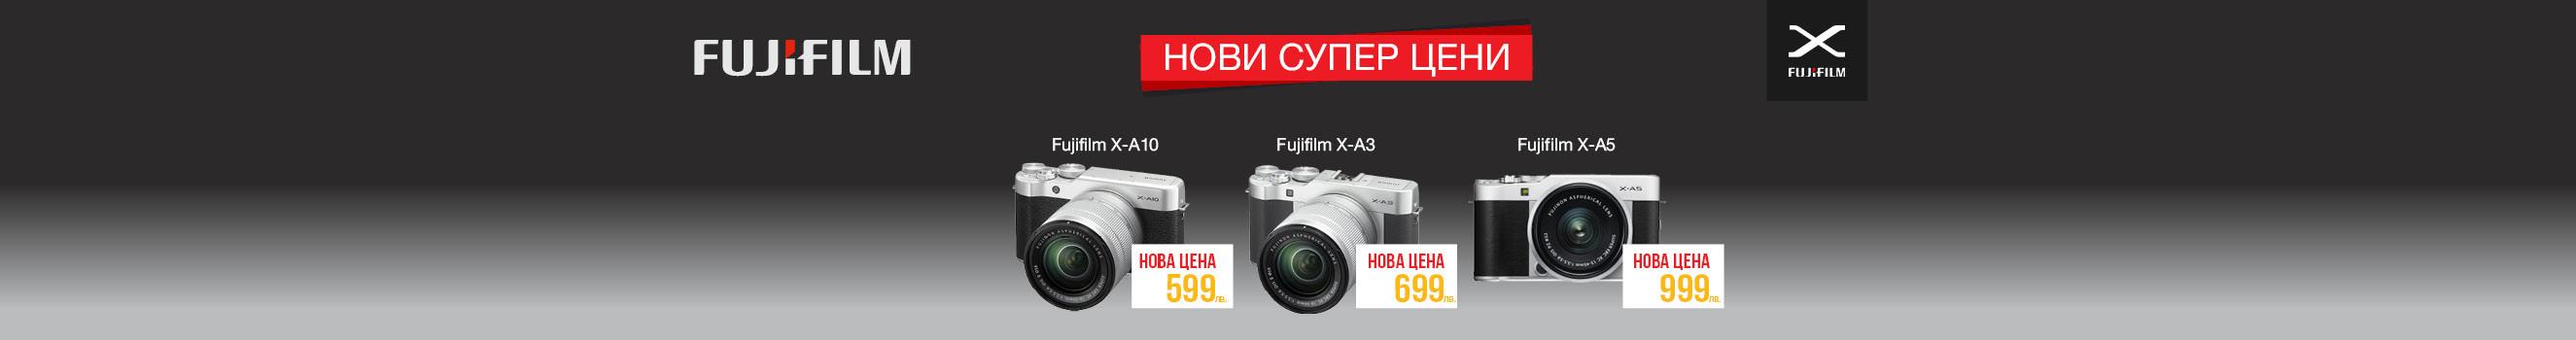 Фотоапарати Fujifilm на ниски цени